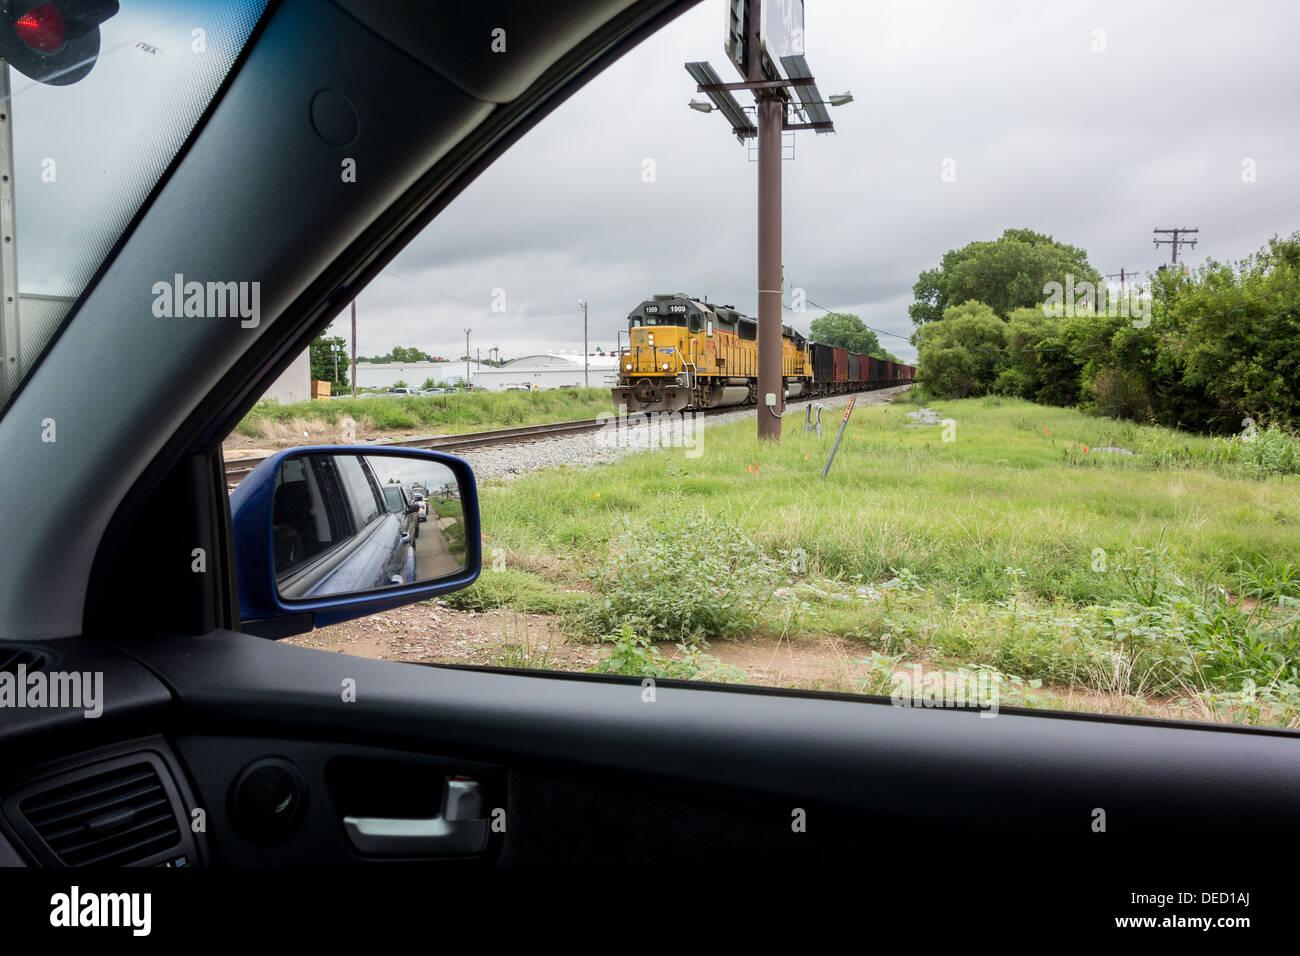 Desde el interior de un automóvil, un tren de mercancías se acercan vistos a través de la ventana. Imagen De Stock